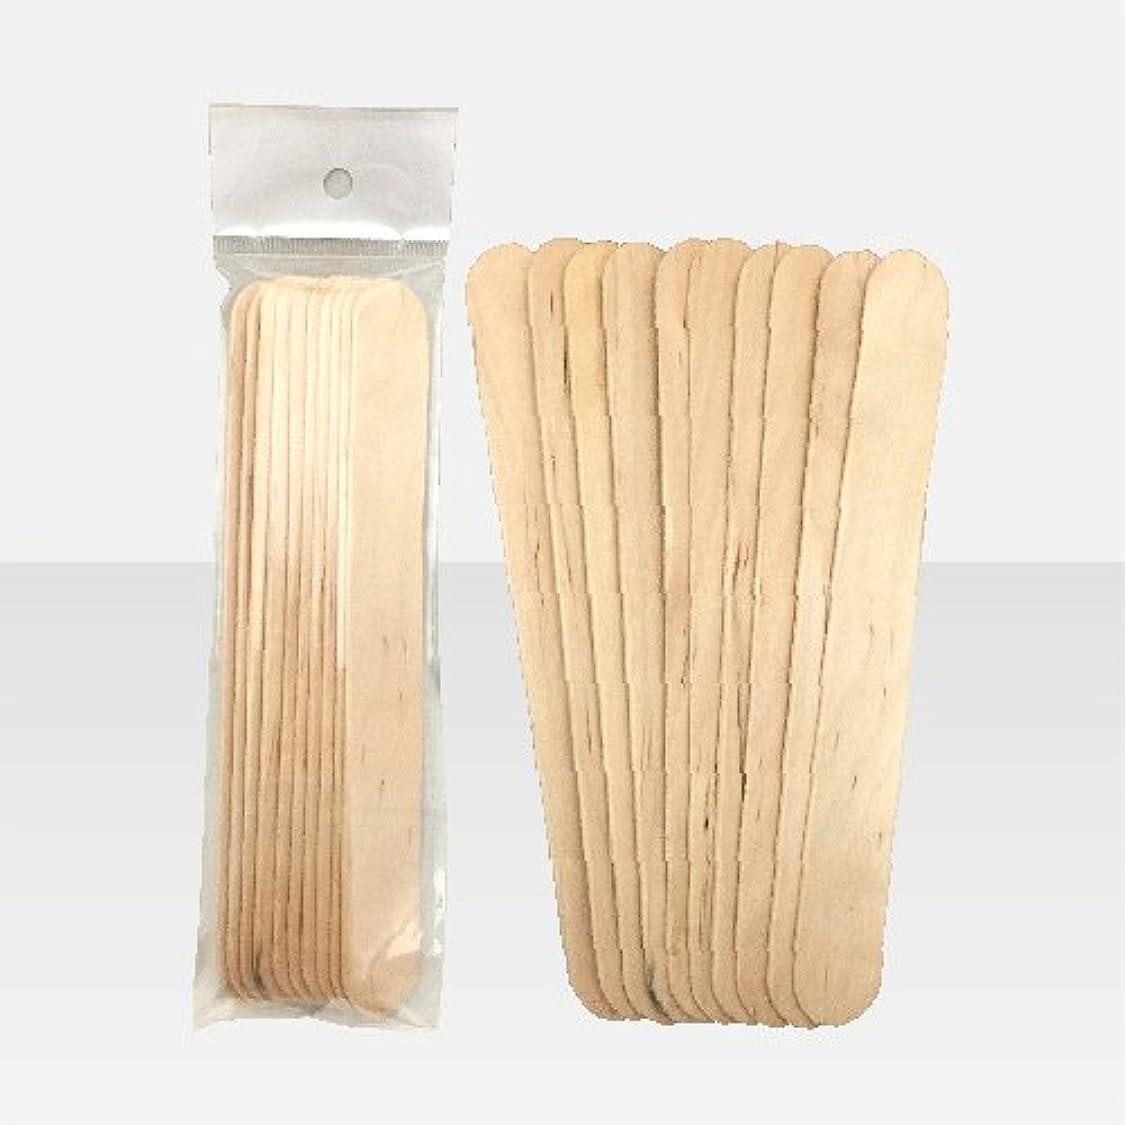 等しい溢れんばかりの雇ったブラジリアンワックス 脱毛ワックス用  ワックススパチュラ 木ベラ /10本セット Mサイズ